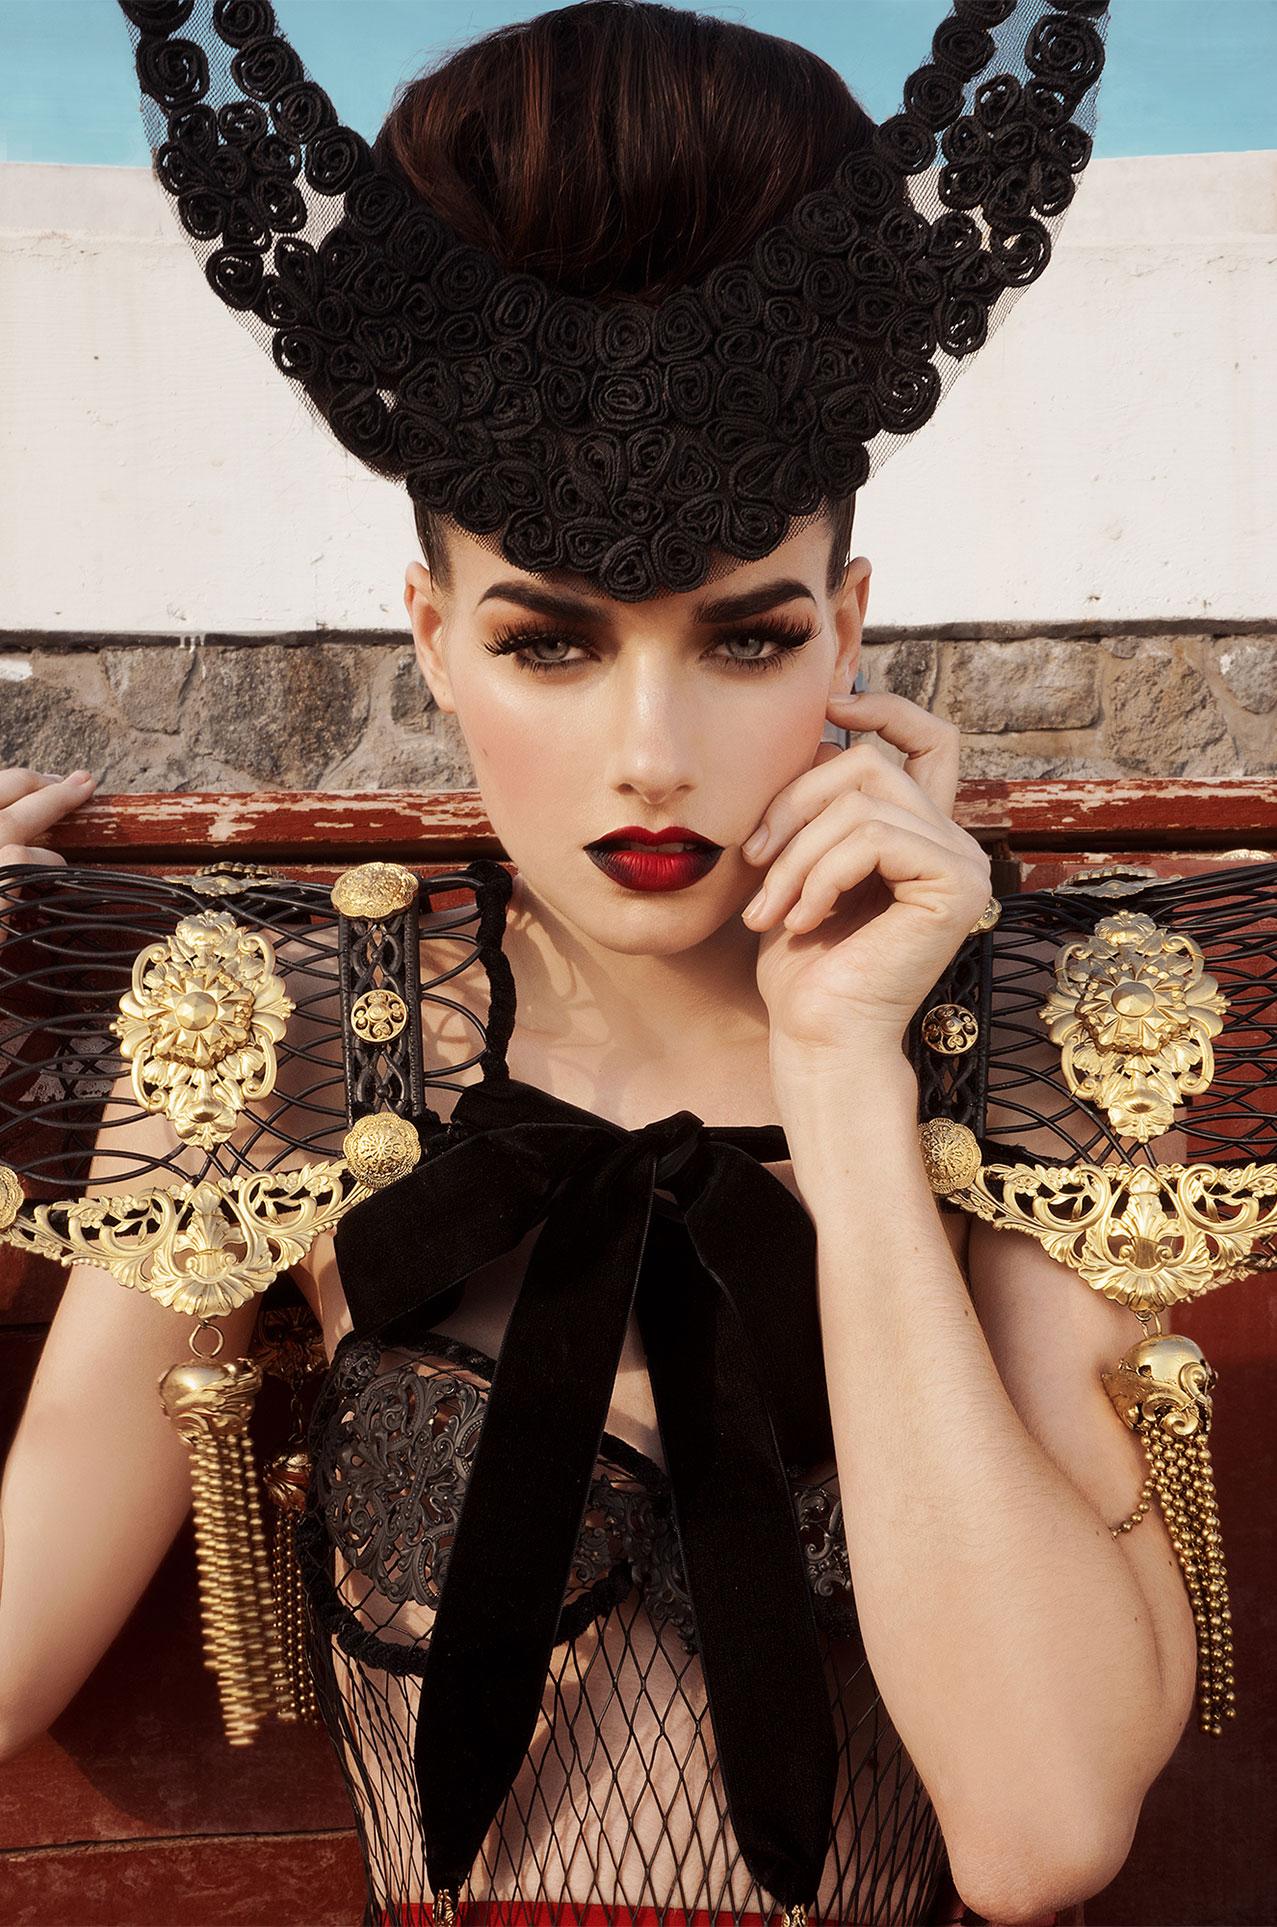 La Vendetta del Toro / Kyra Nickel by Jvdas Berra / LoveFMD Magazine